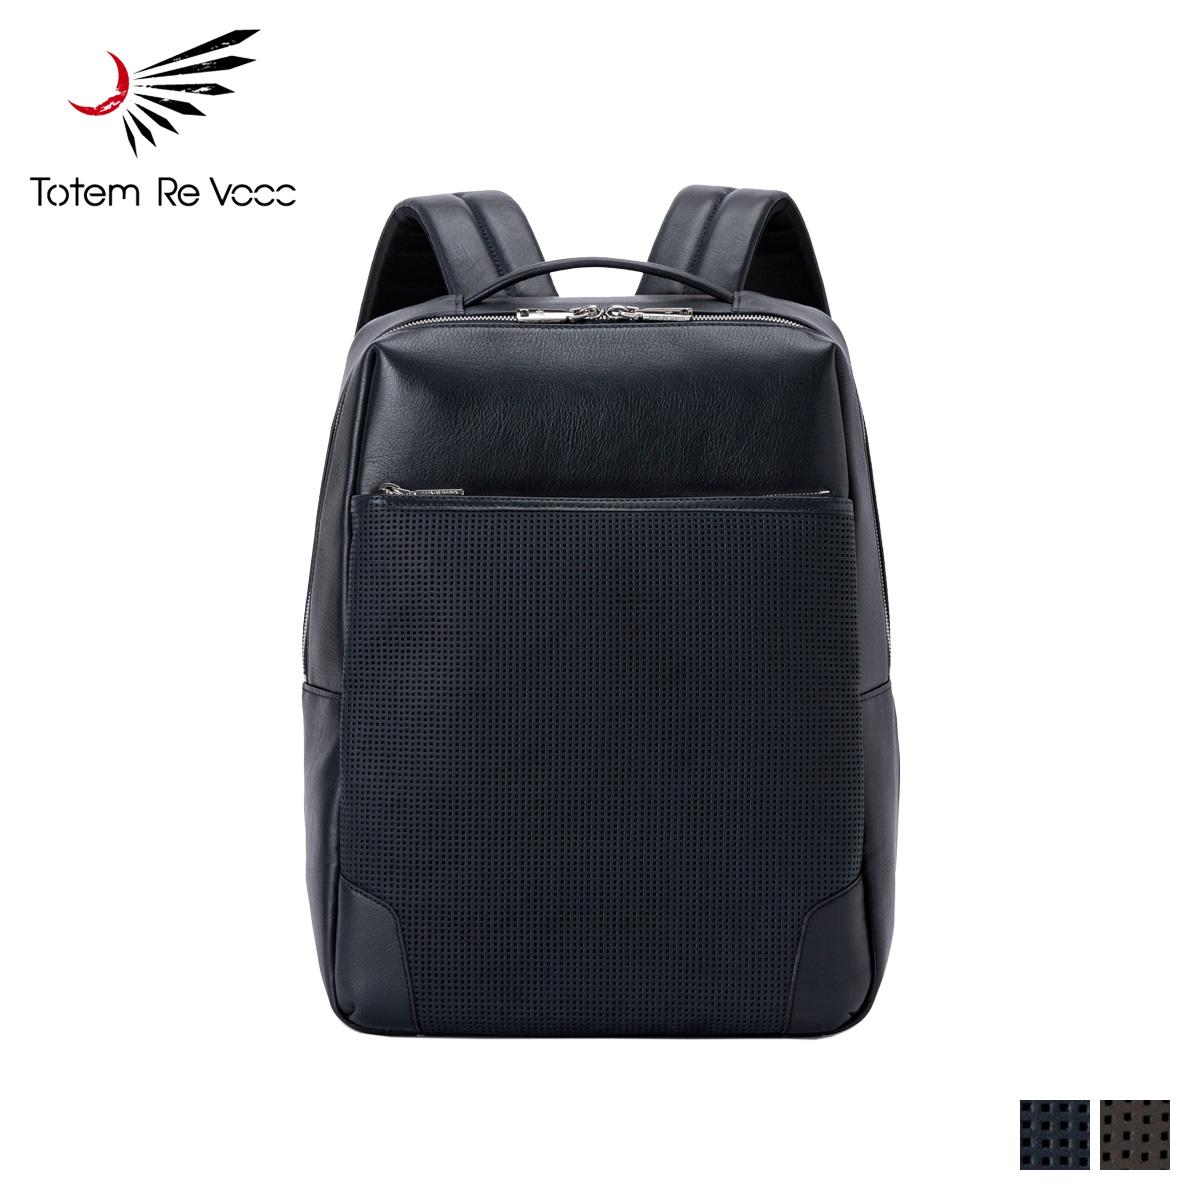 トーテムリボー Totem Re Vooo リュック バッグ バックパック メンズ 豊岡鞄 SORE グレー ネイビー TRV0706